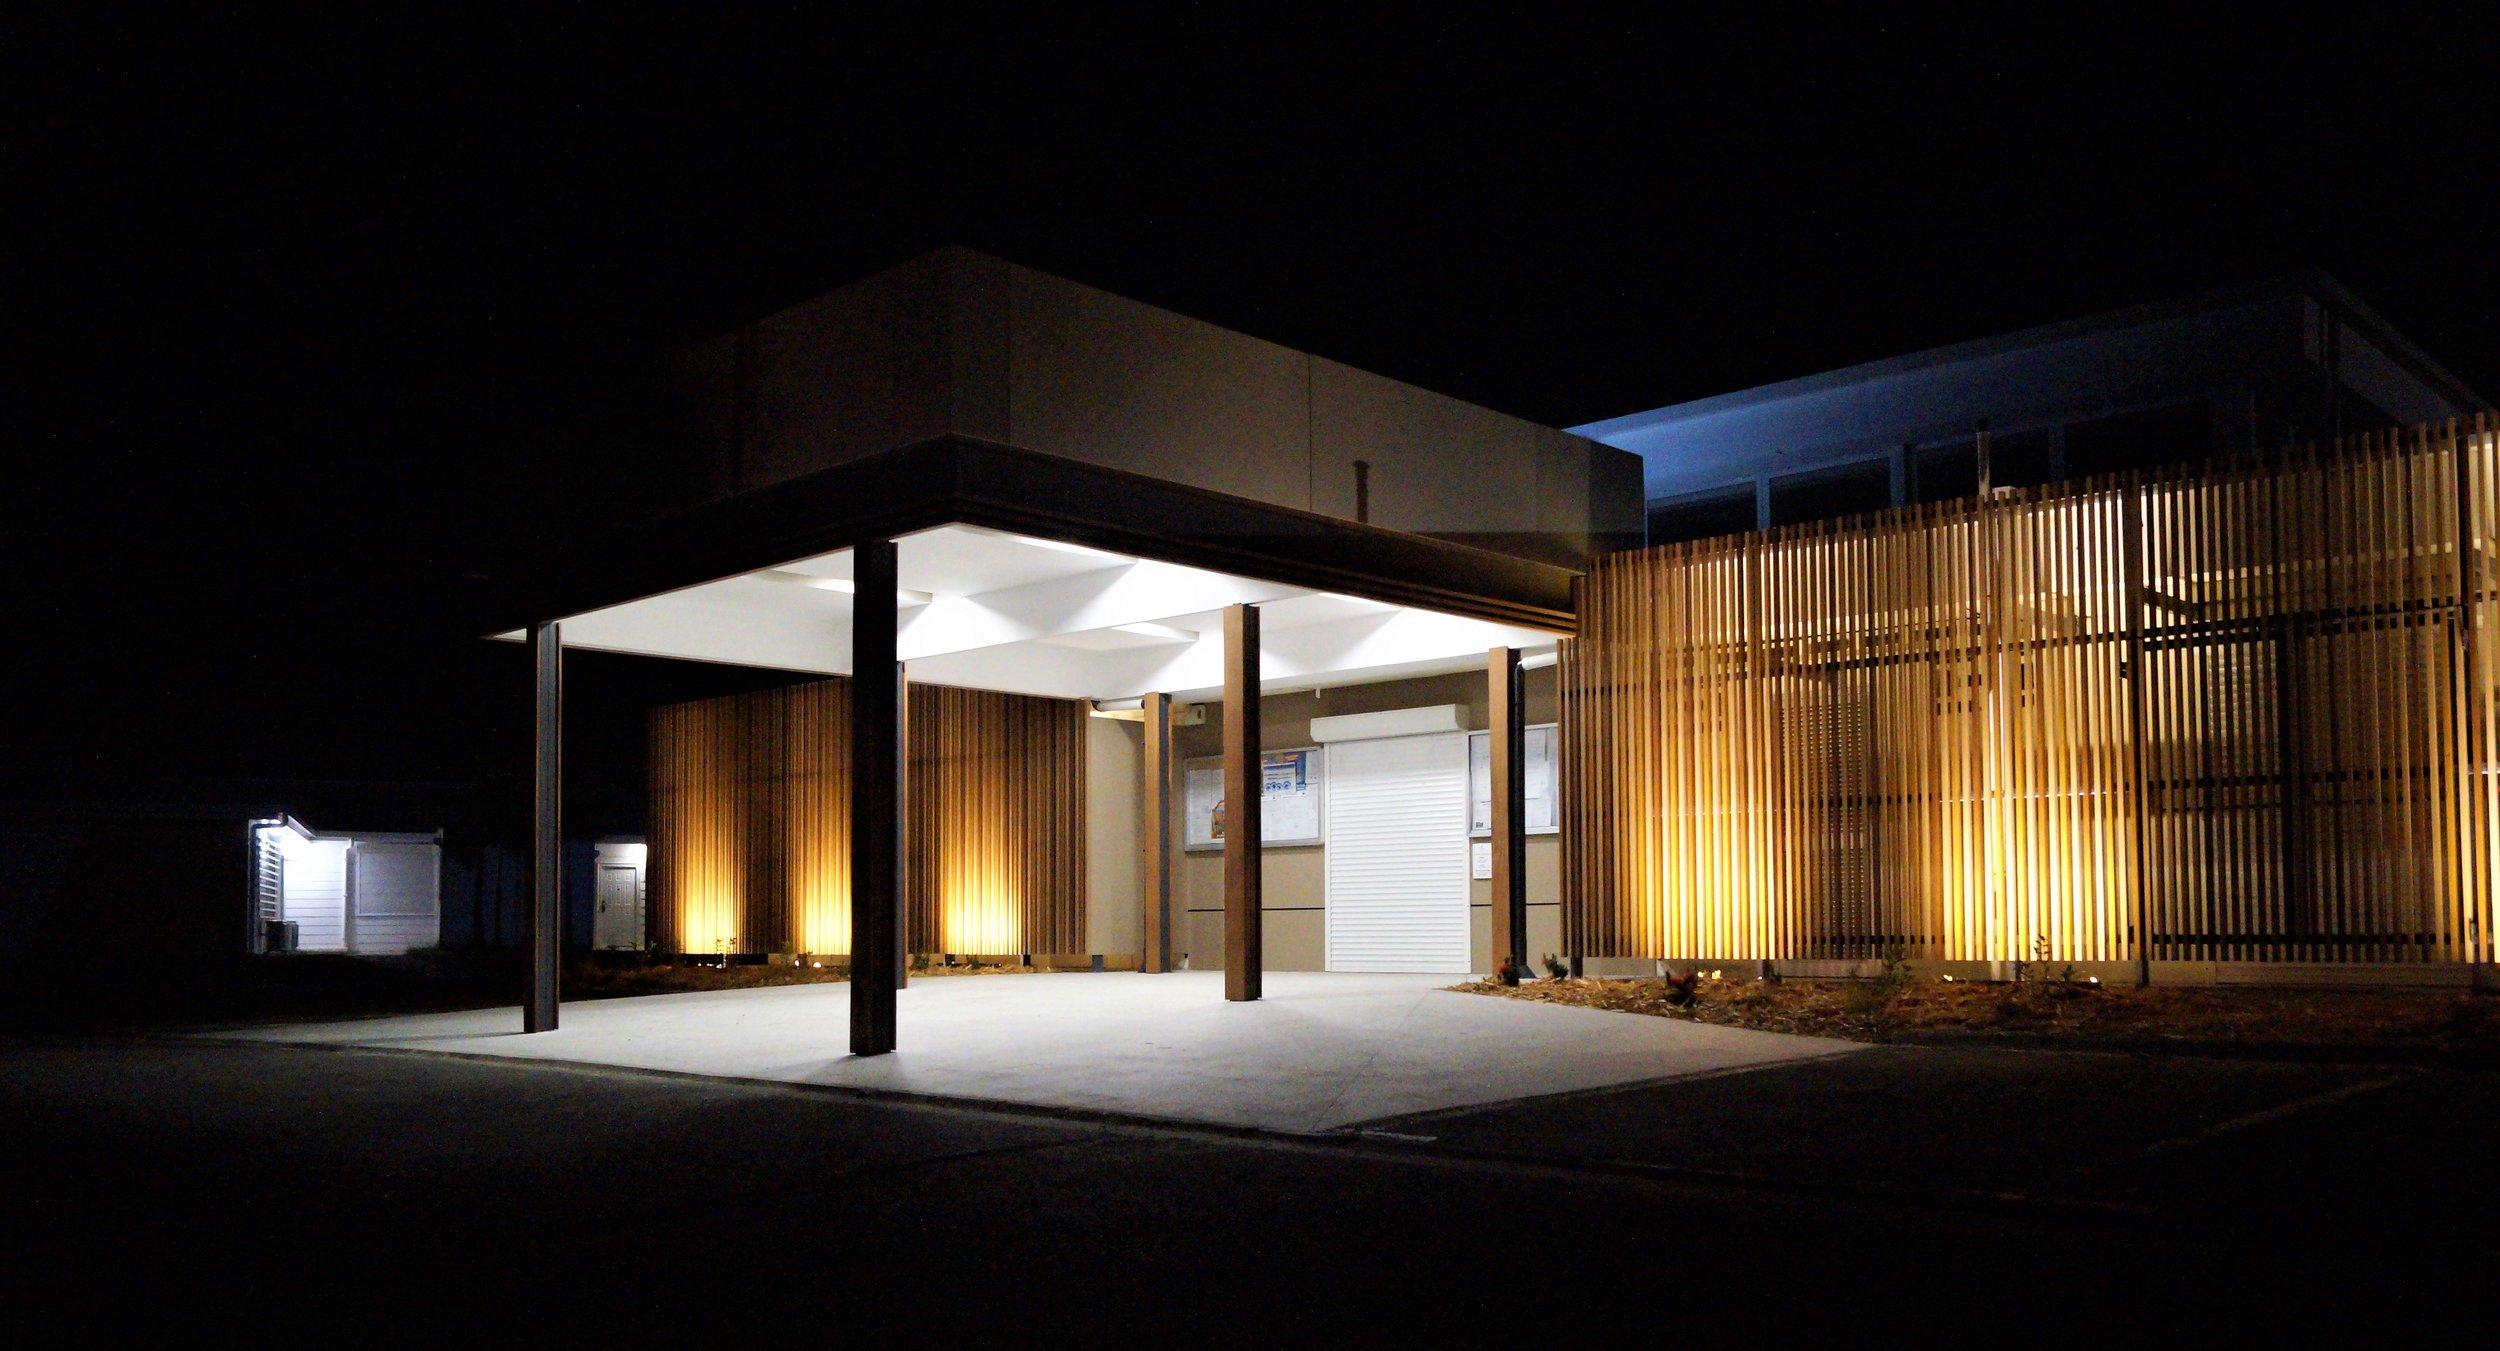 Mairie de Paita Council Building - Noumea Ever Art Wood® battens - Koshi 30x85 rectangle hollow section in Wuoru Nato, Kuri Masame & Pain